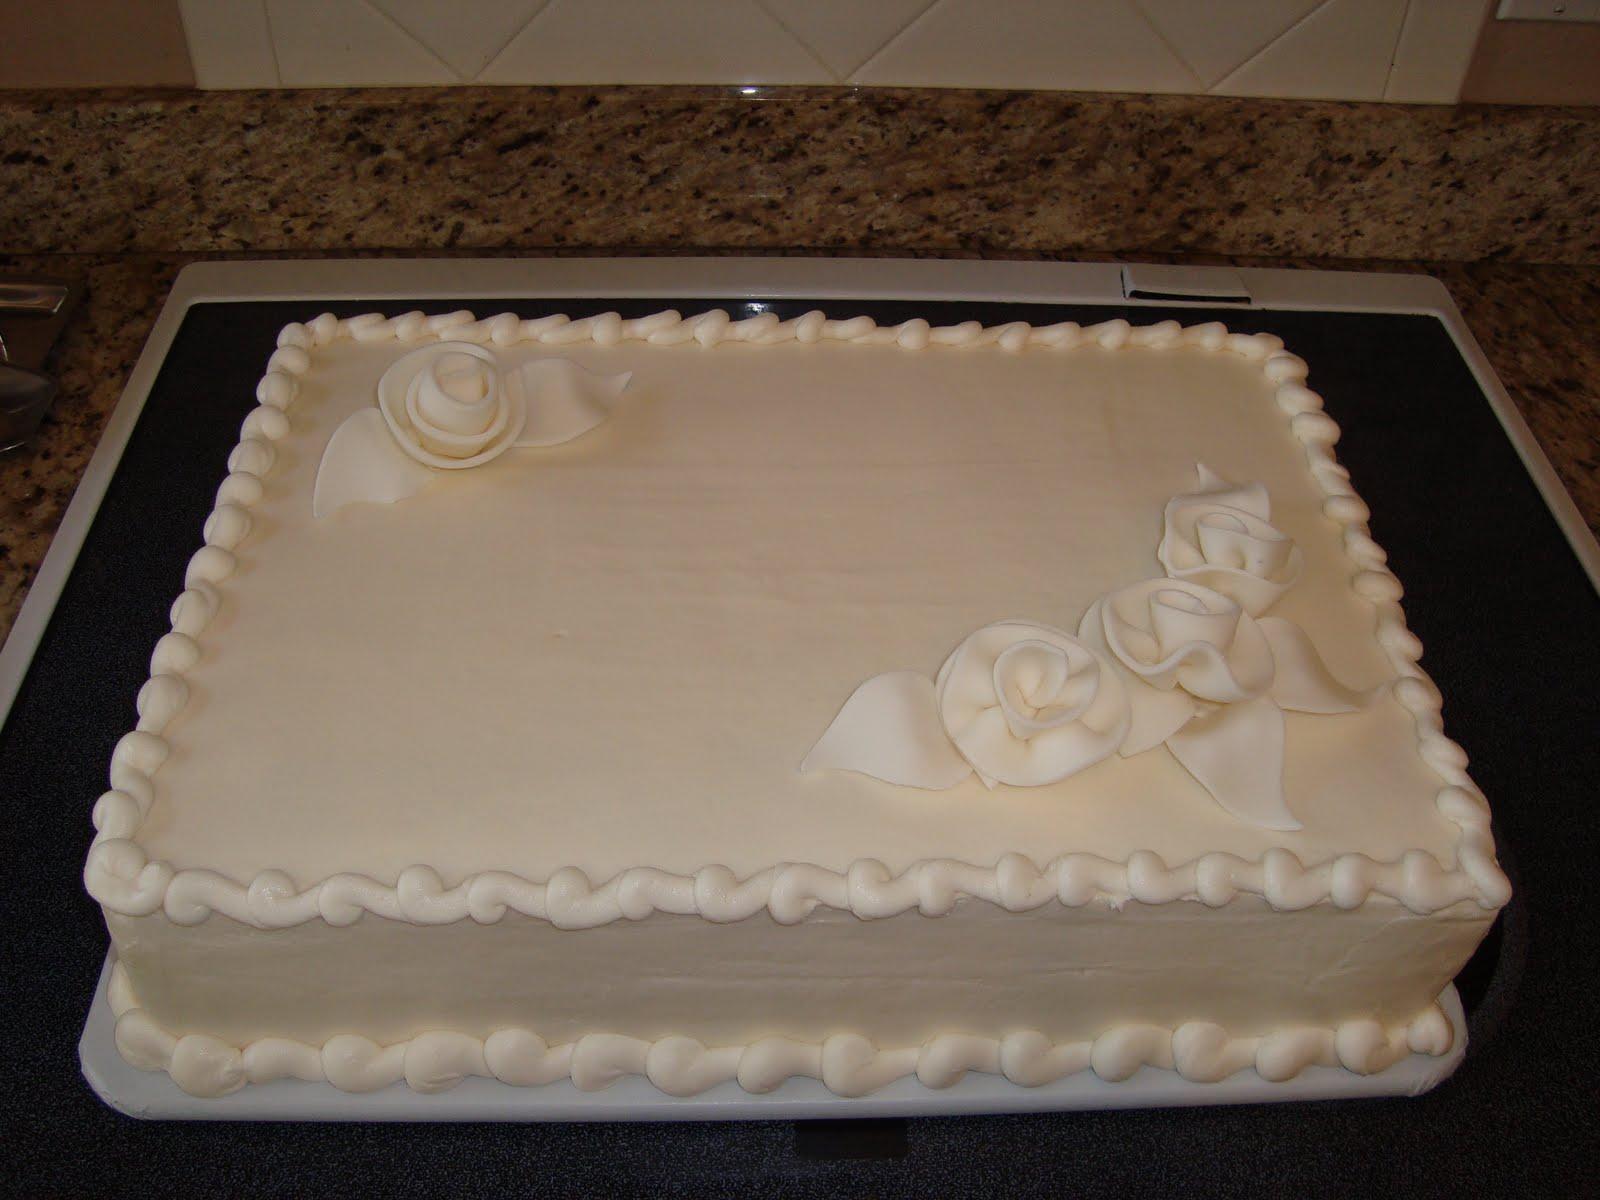 Chocolate Wedding Sheet Cake This Sheet Cake Was Ordered